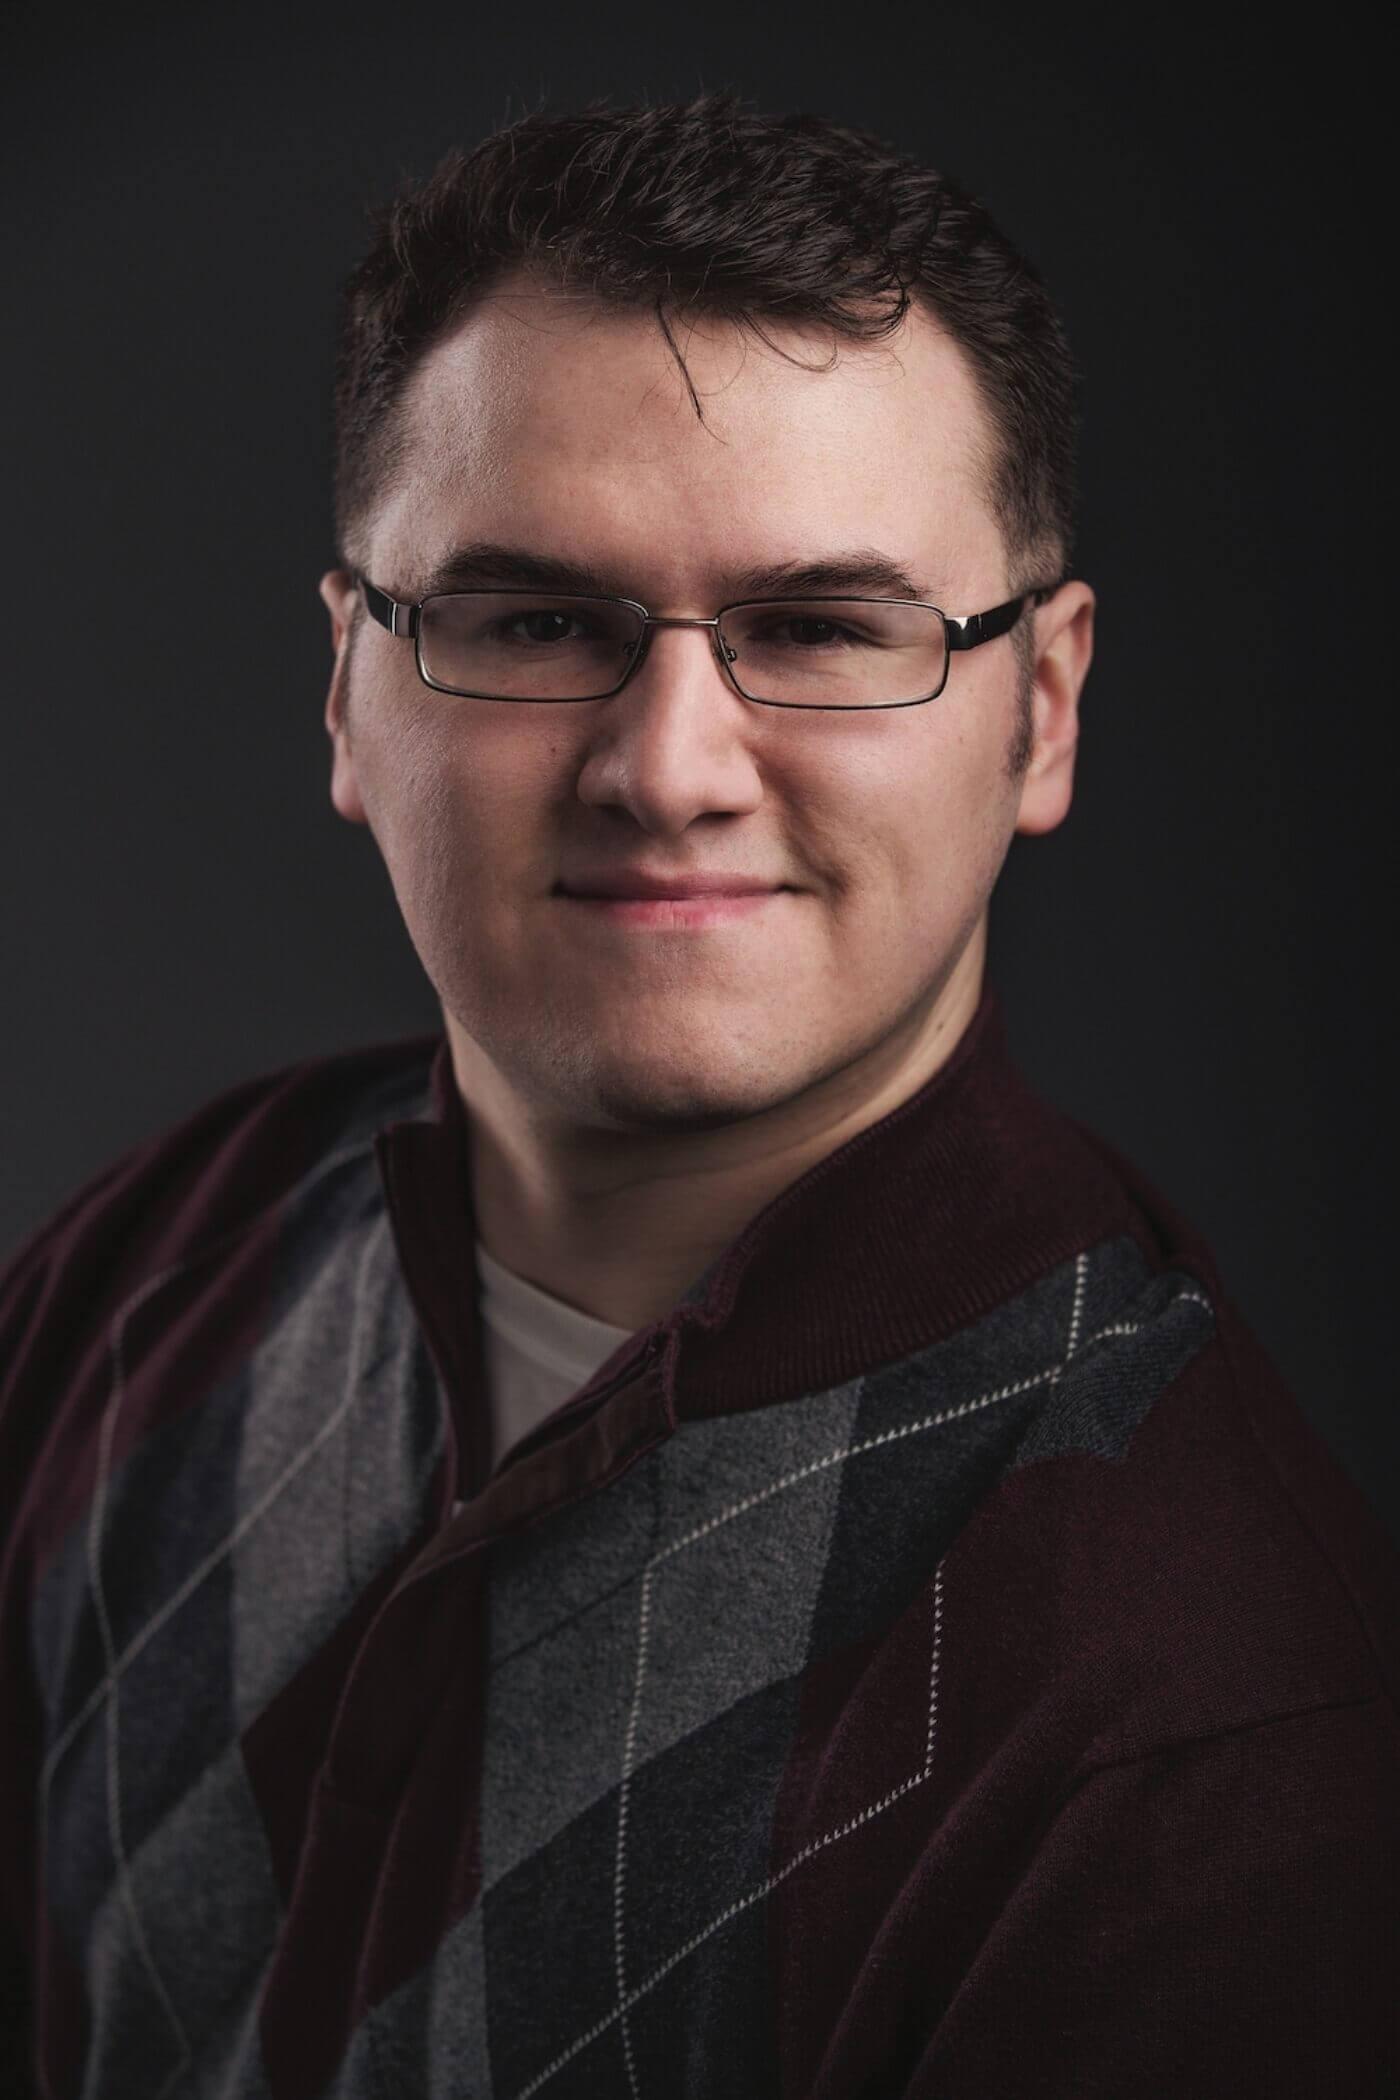 Dennis-E.-Staples-author-photo-by-John-LaTourelle-1